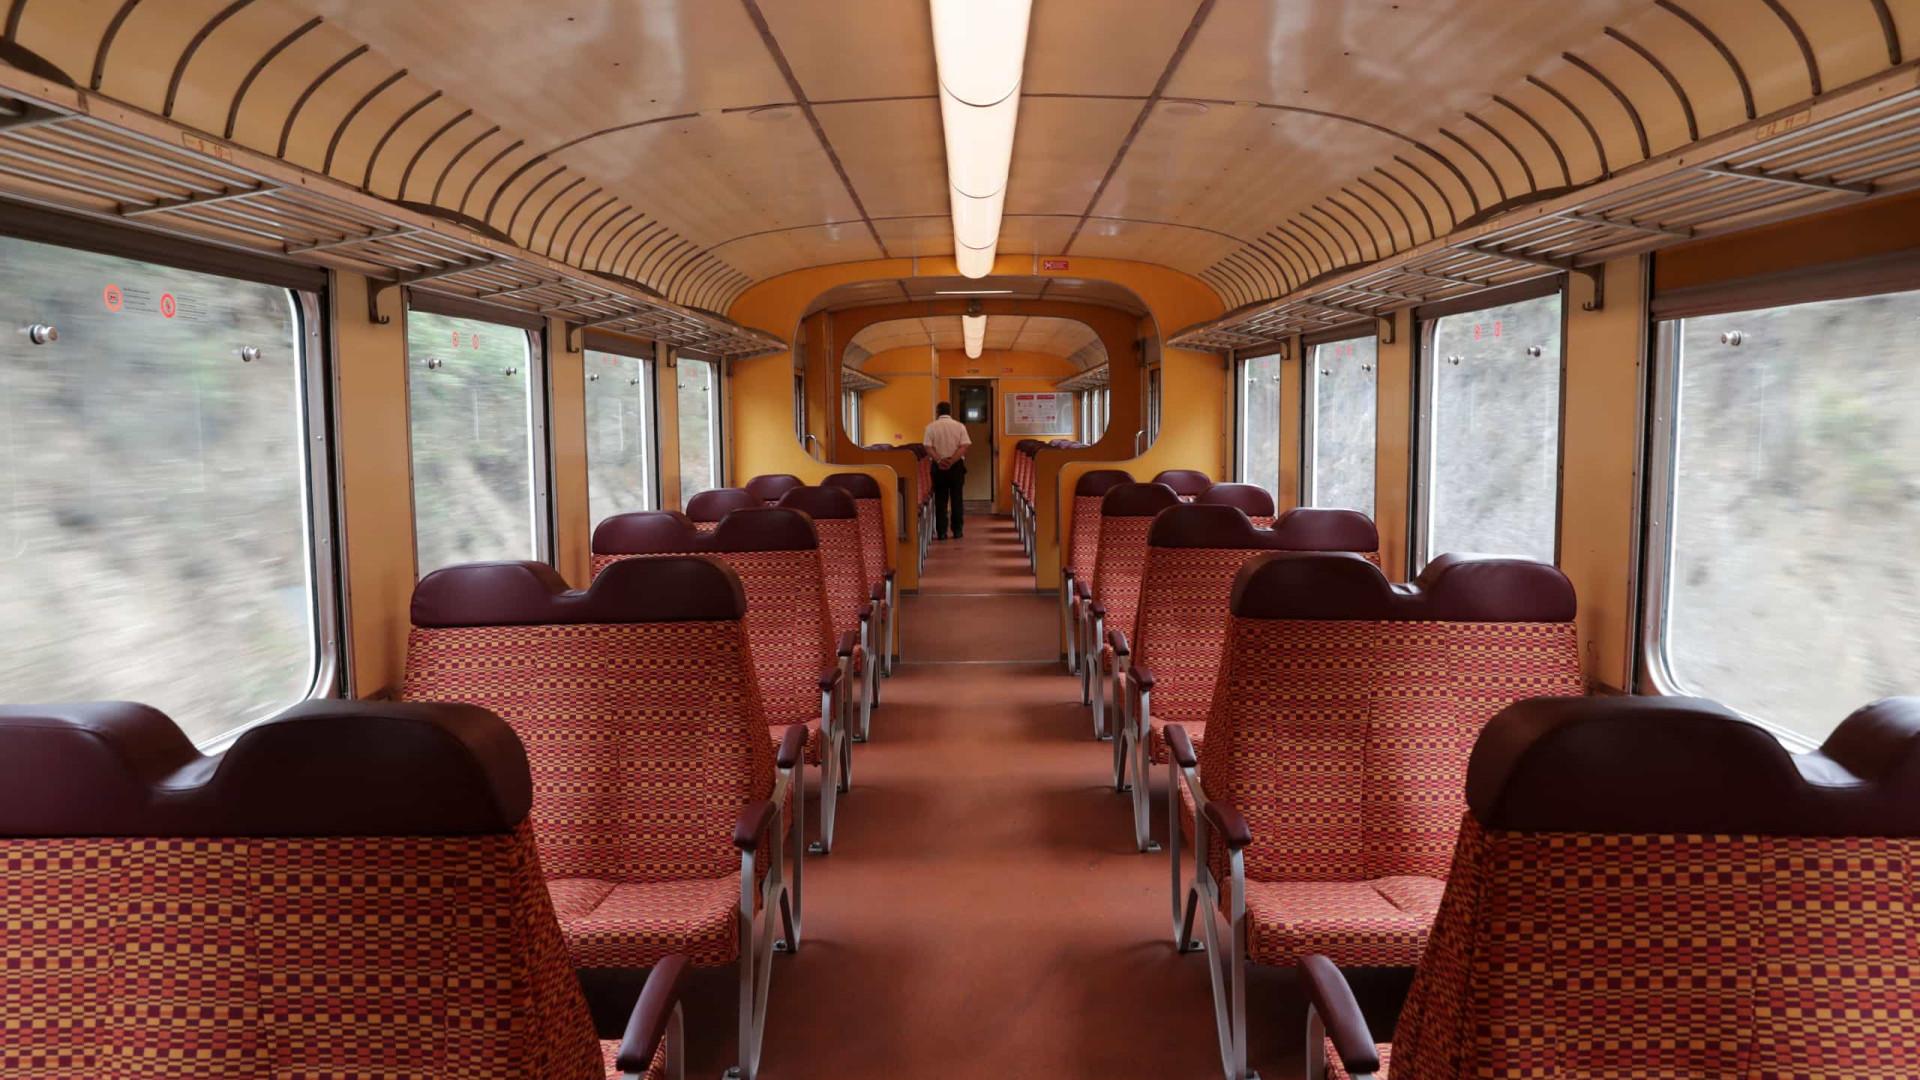 Comboio histórico Miradouro regressa amanhã para ligar Porto e Pocinho